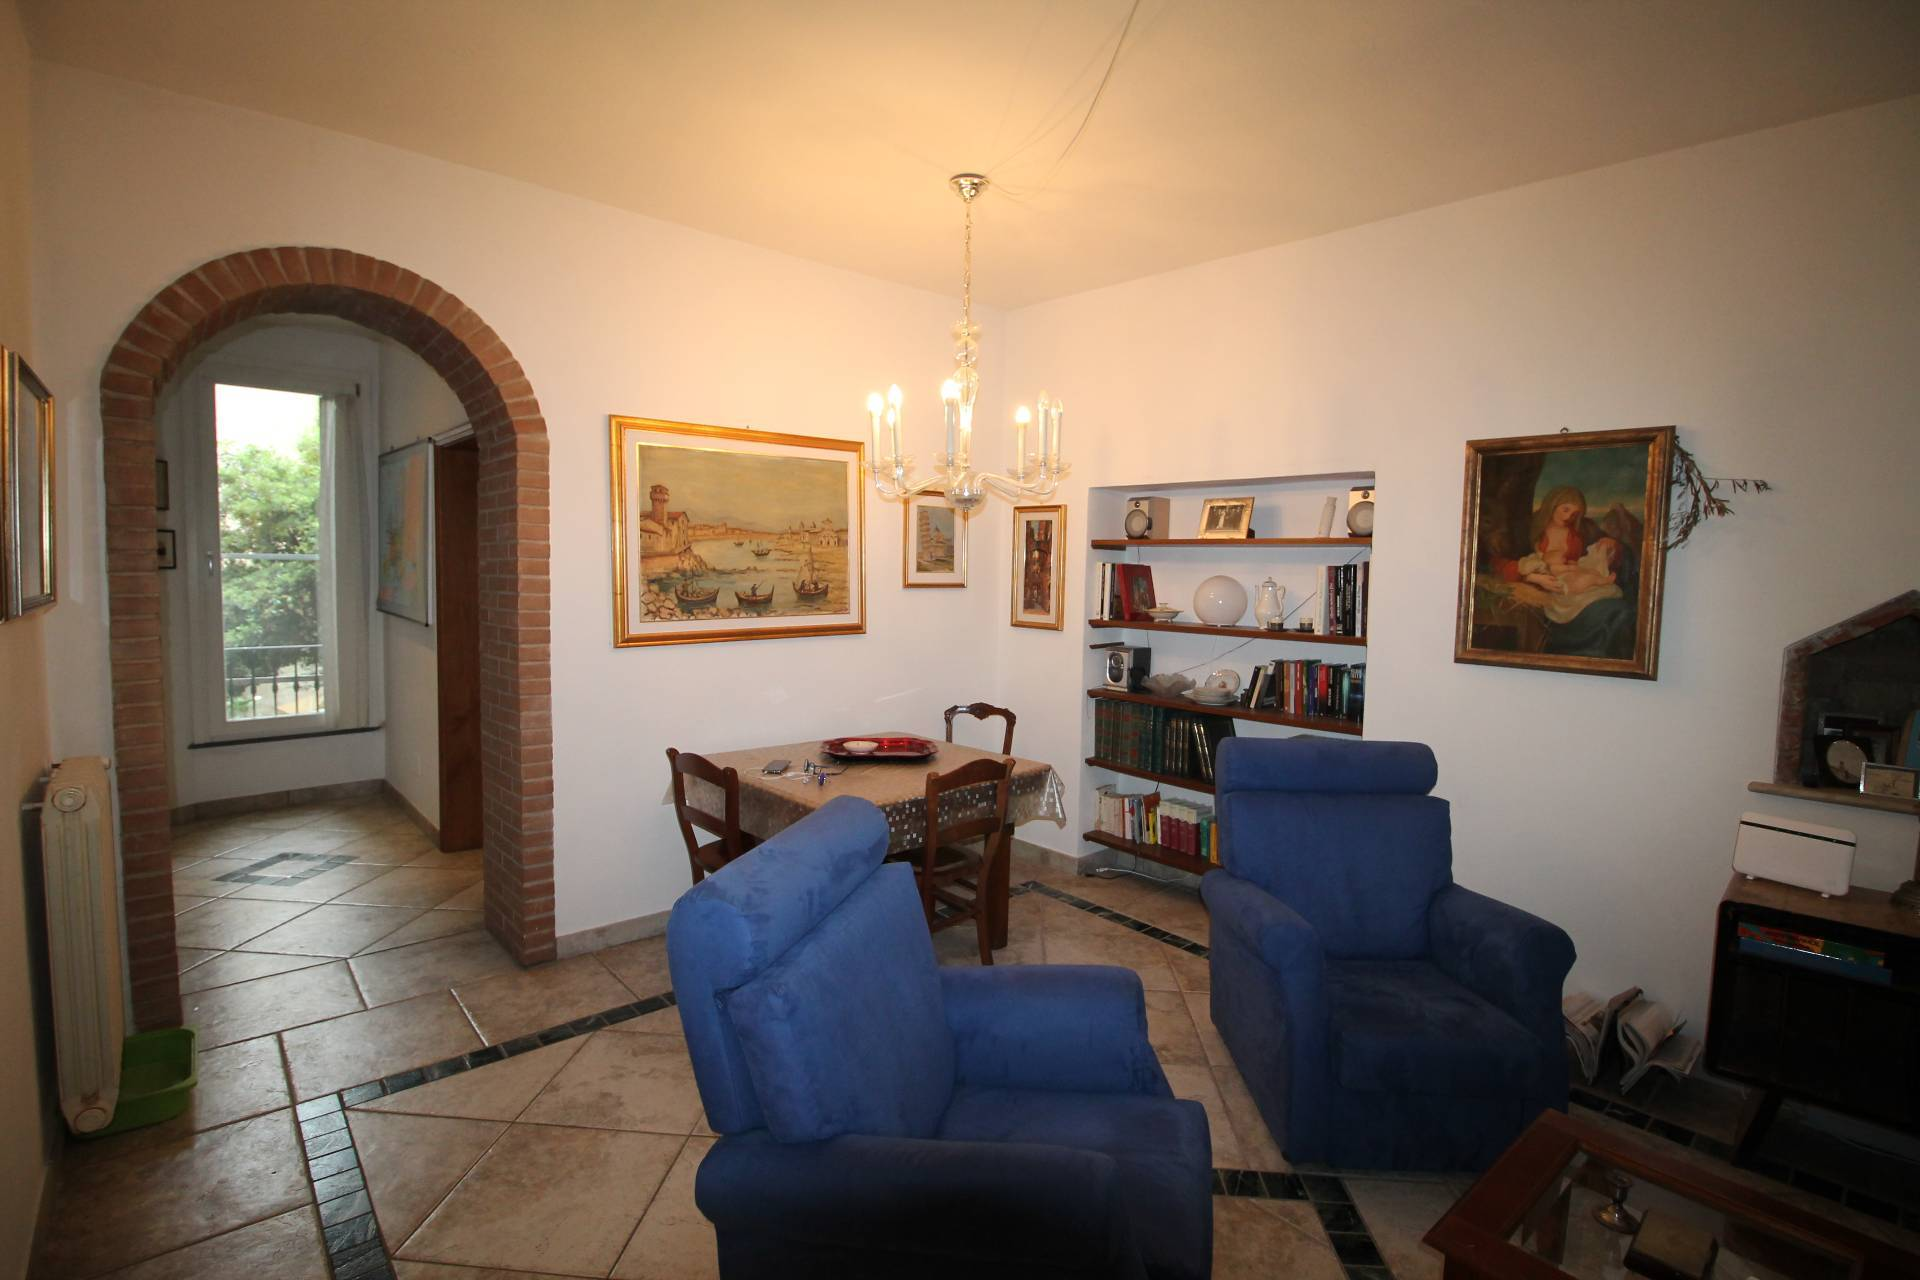 Appartamento in vendita a Pisa, 7 locali, zona Località: QuartiereS.aMaria, prezzo € 550.000 | PortaleAgenzieImmobiliari.it